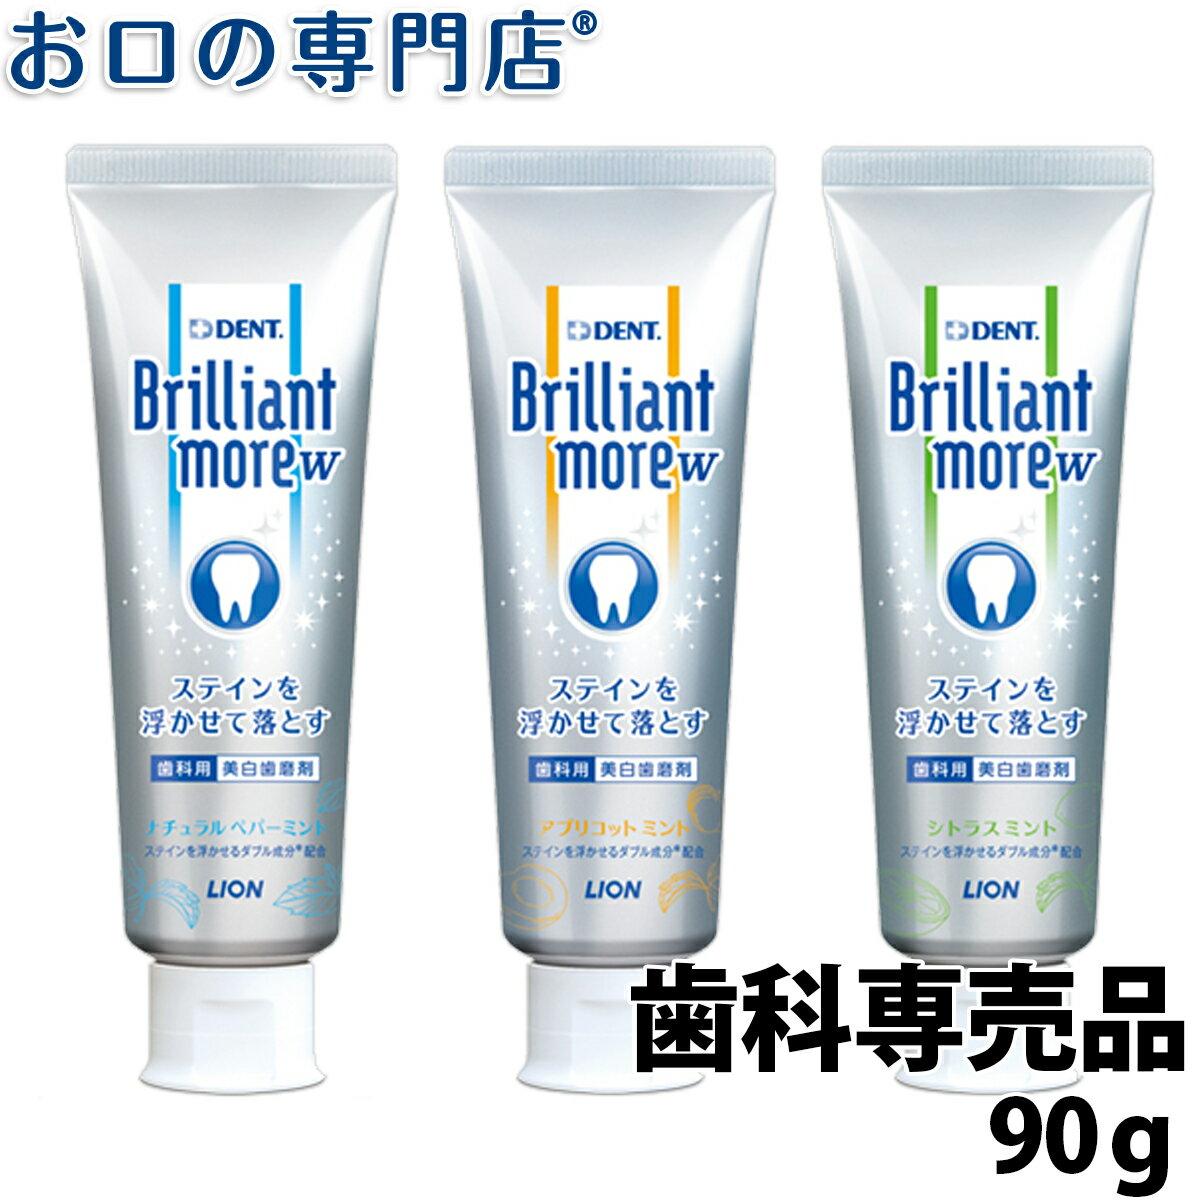 ライオン ブリリアントモア 90gホワイトニング 歯磨き粉/ハミガキ粉